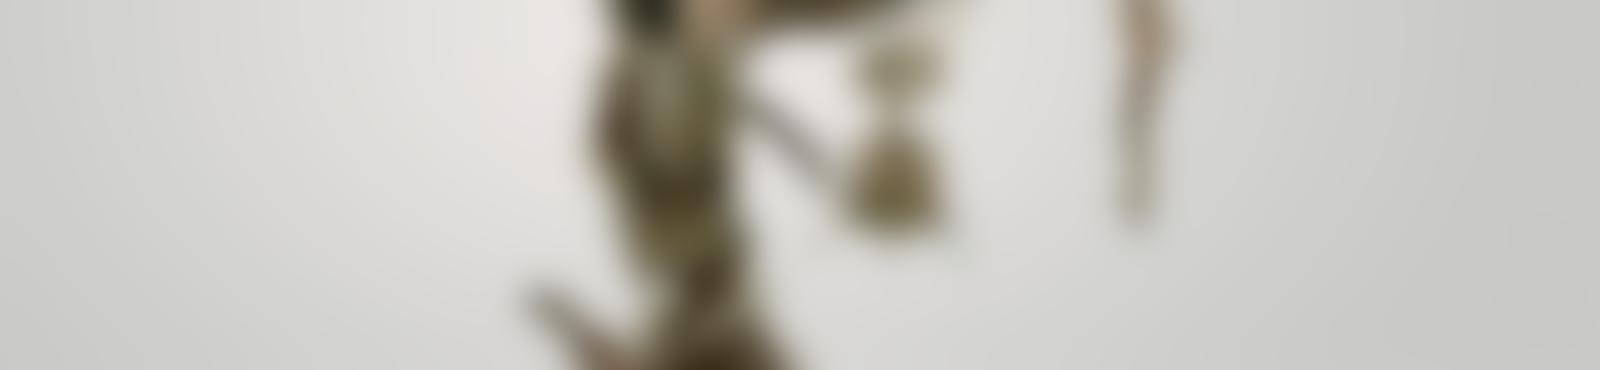 Blurred bbf81bd4 8337 49de a433 4bb013b4486b